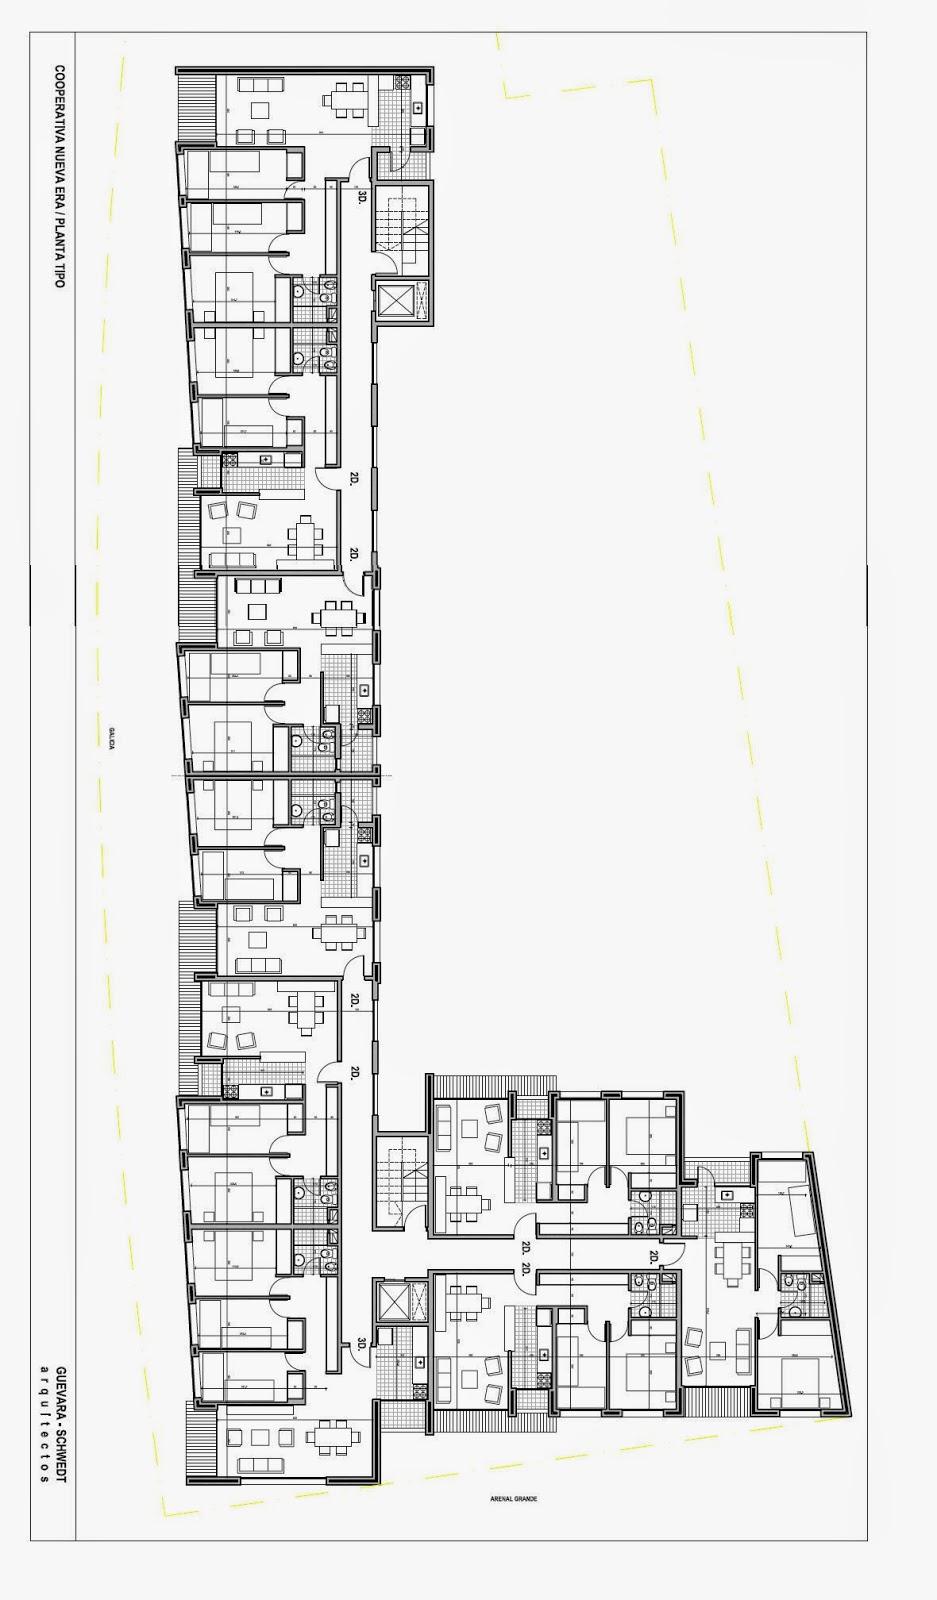 Cooperativa de viviendas nueva era proyecto - Paginas de viviendas ...